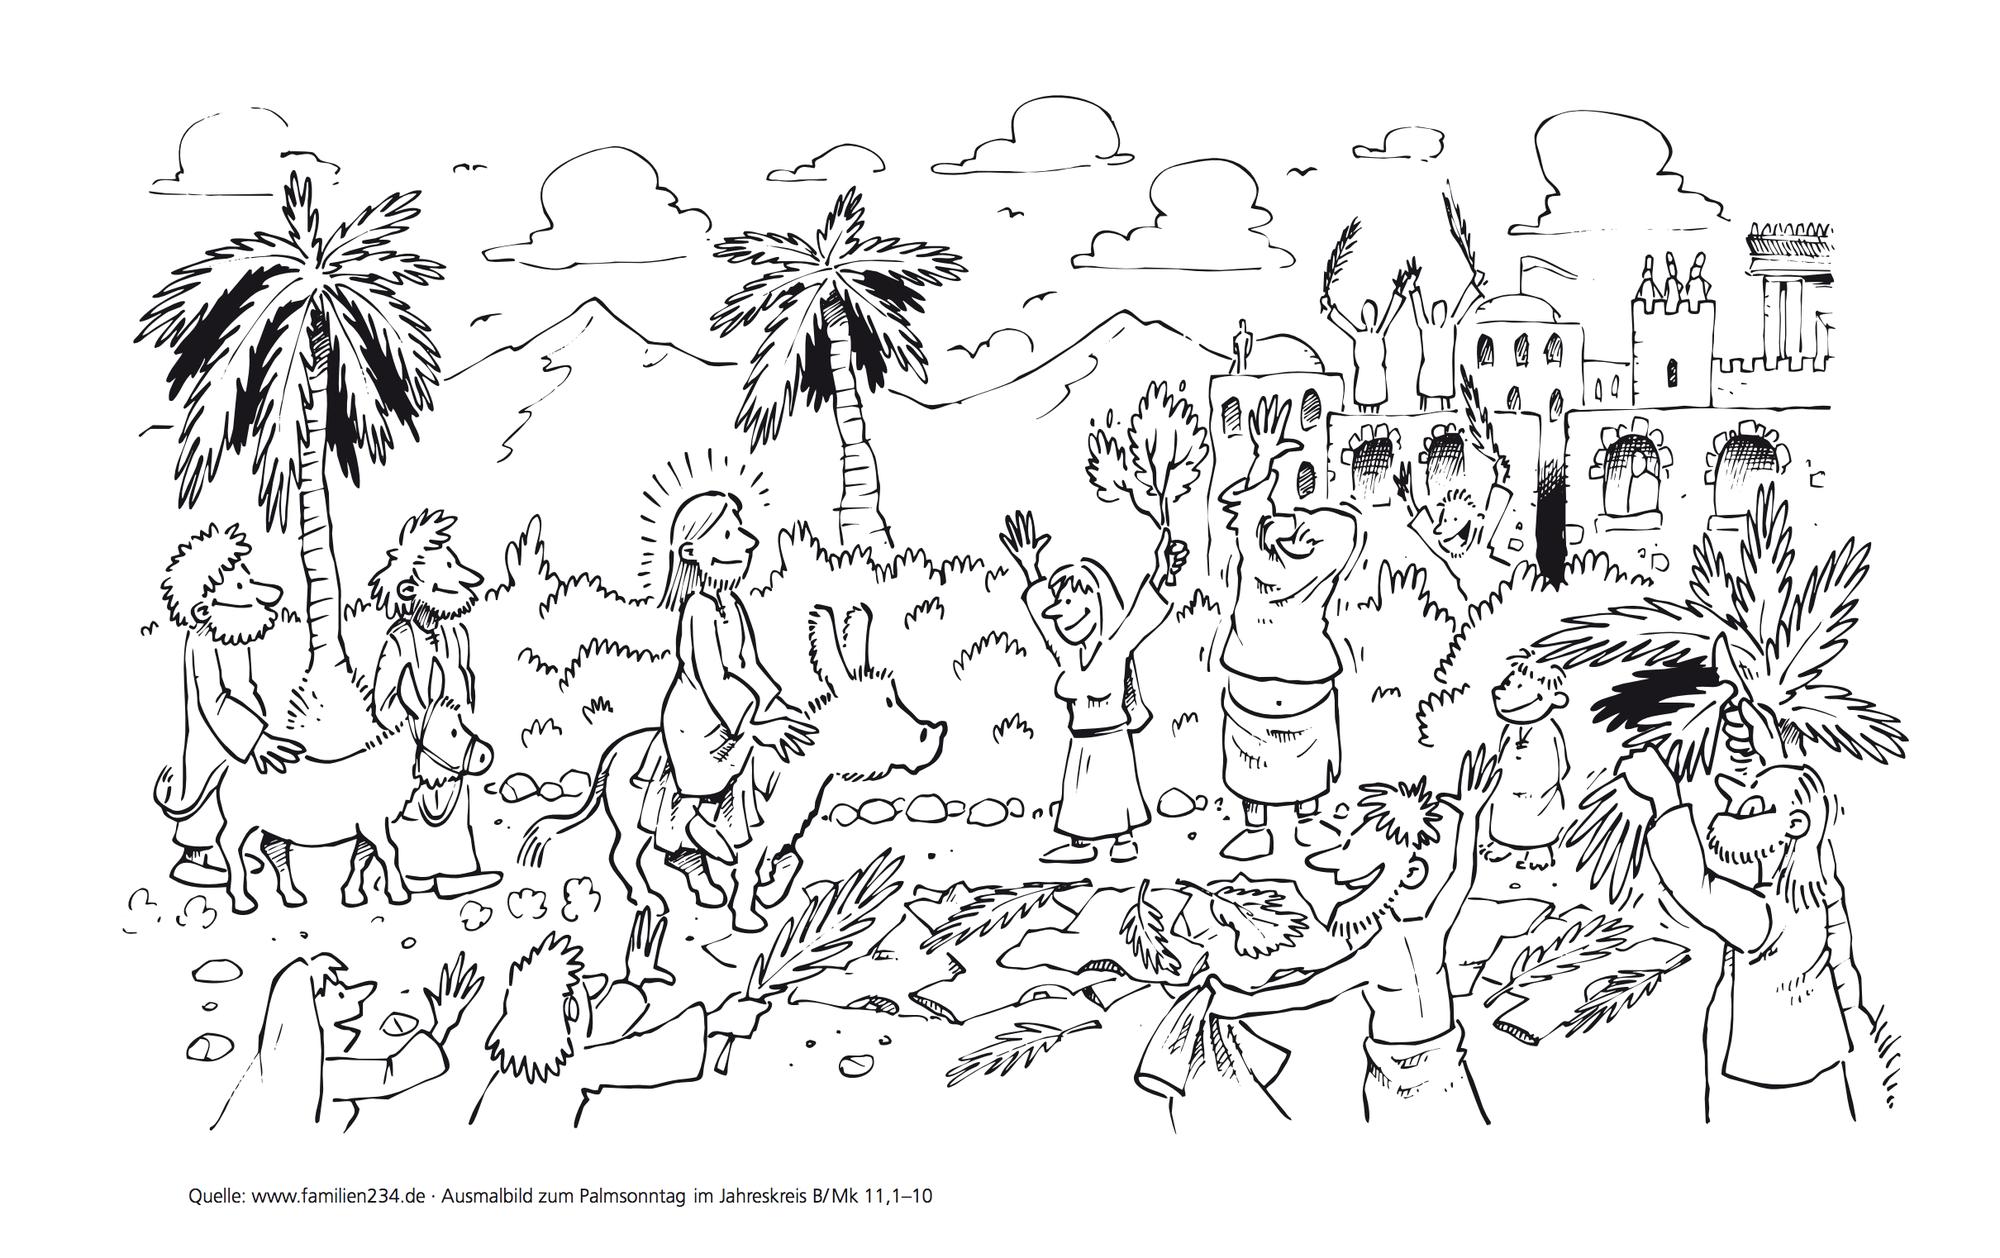 Palmsonntag und die Passion - Dimanche des rameaux et la passion